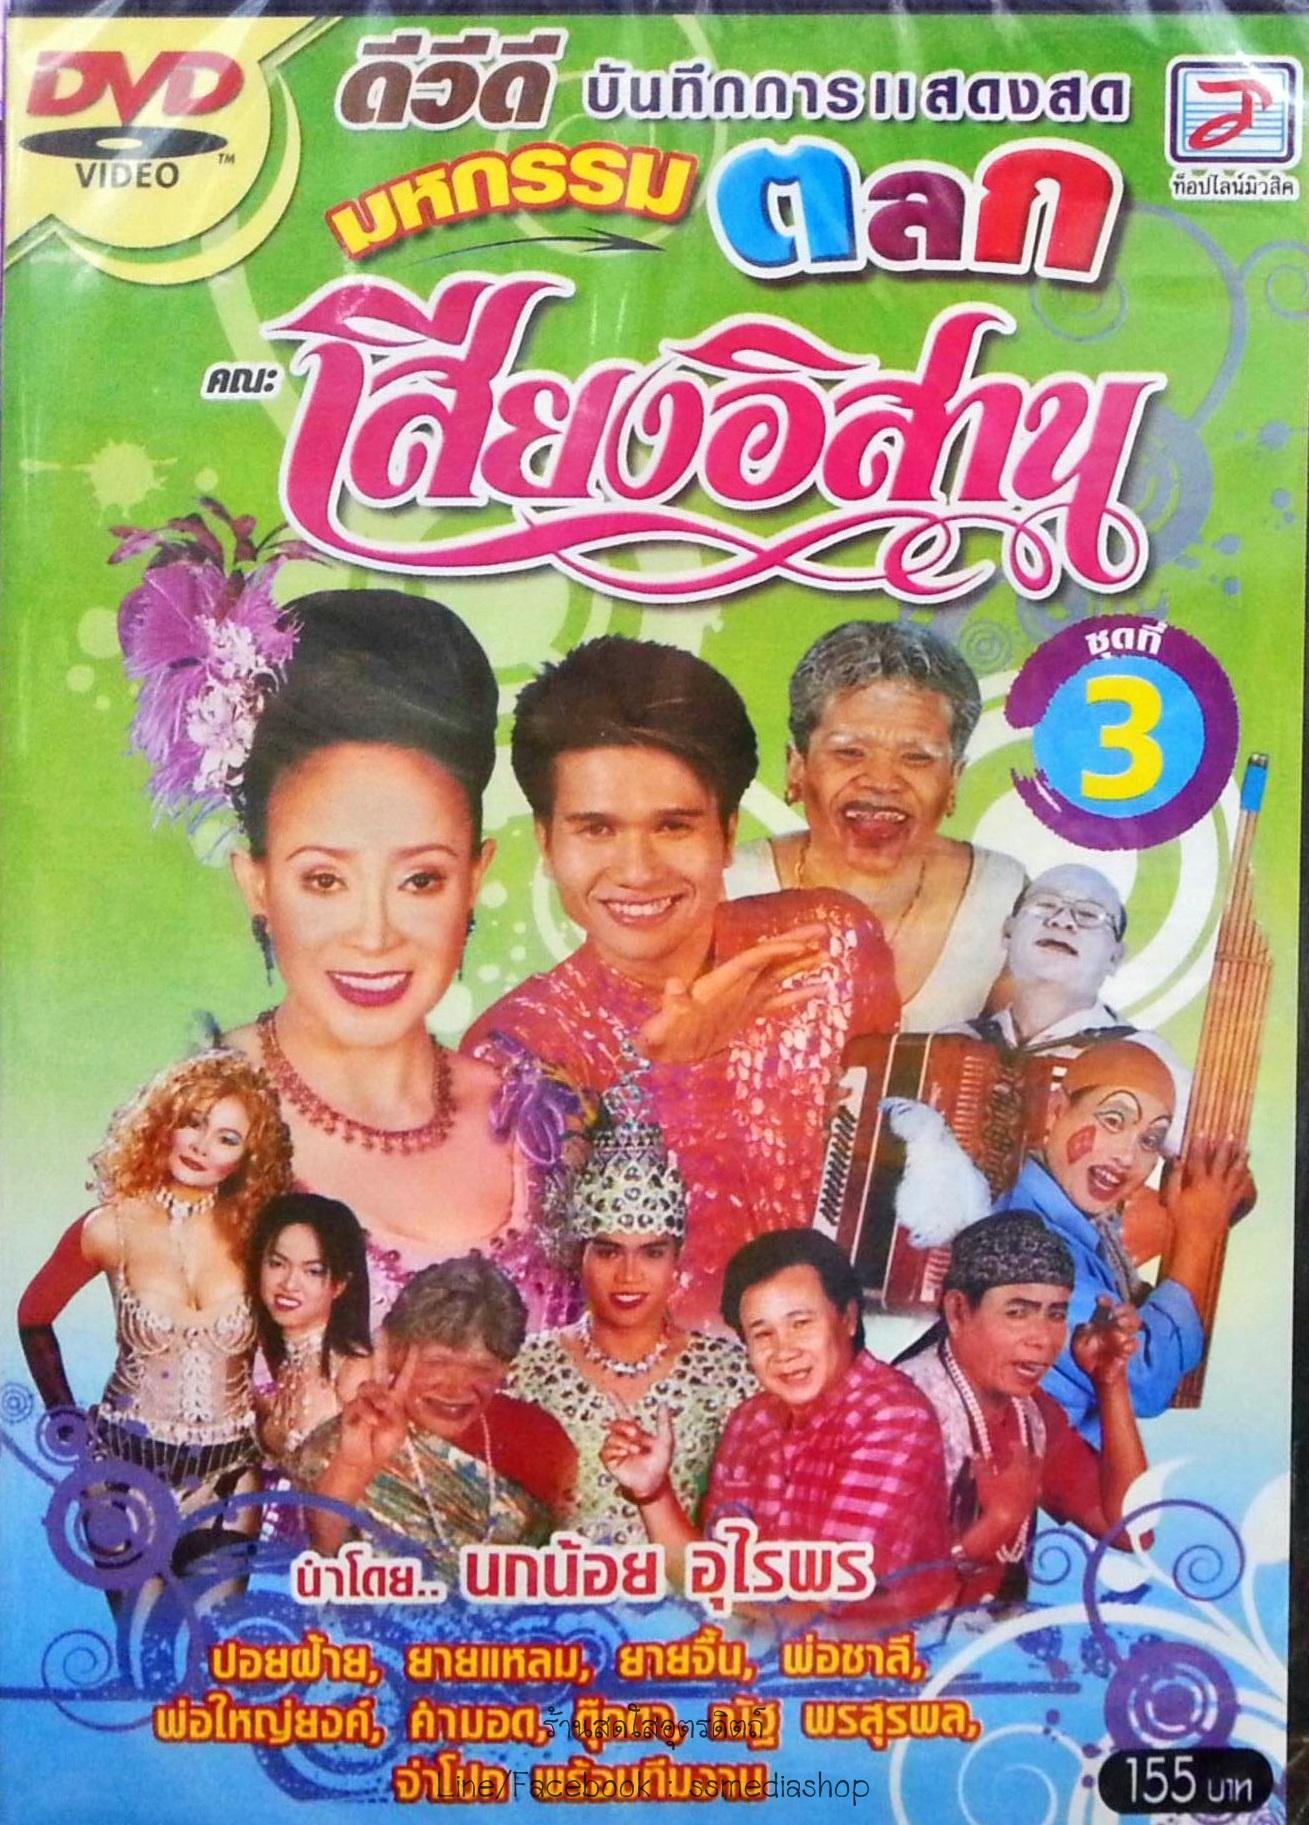 DVD บันทึกการแสดงสดมหกรรมตลก คณะเสียงอิสาน ชุดที่3